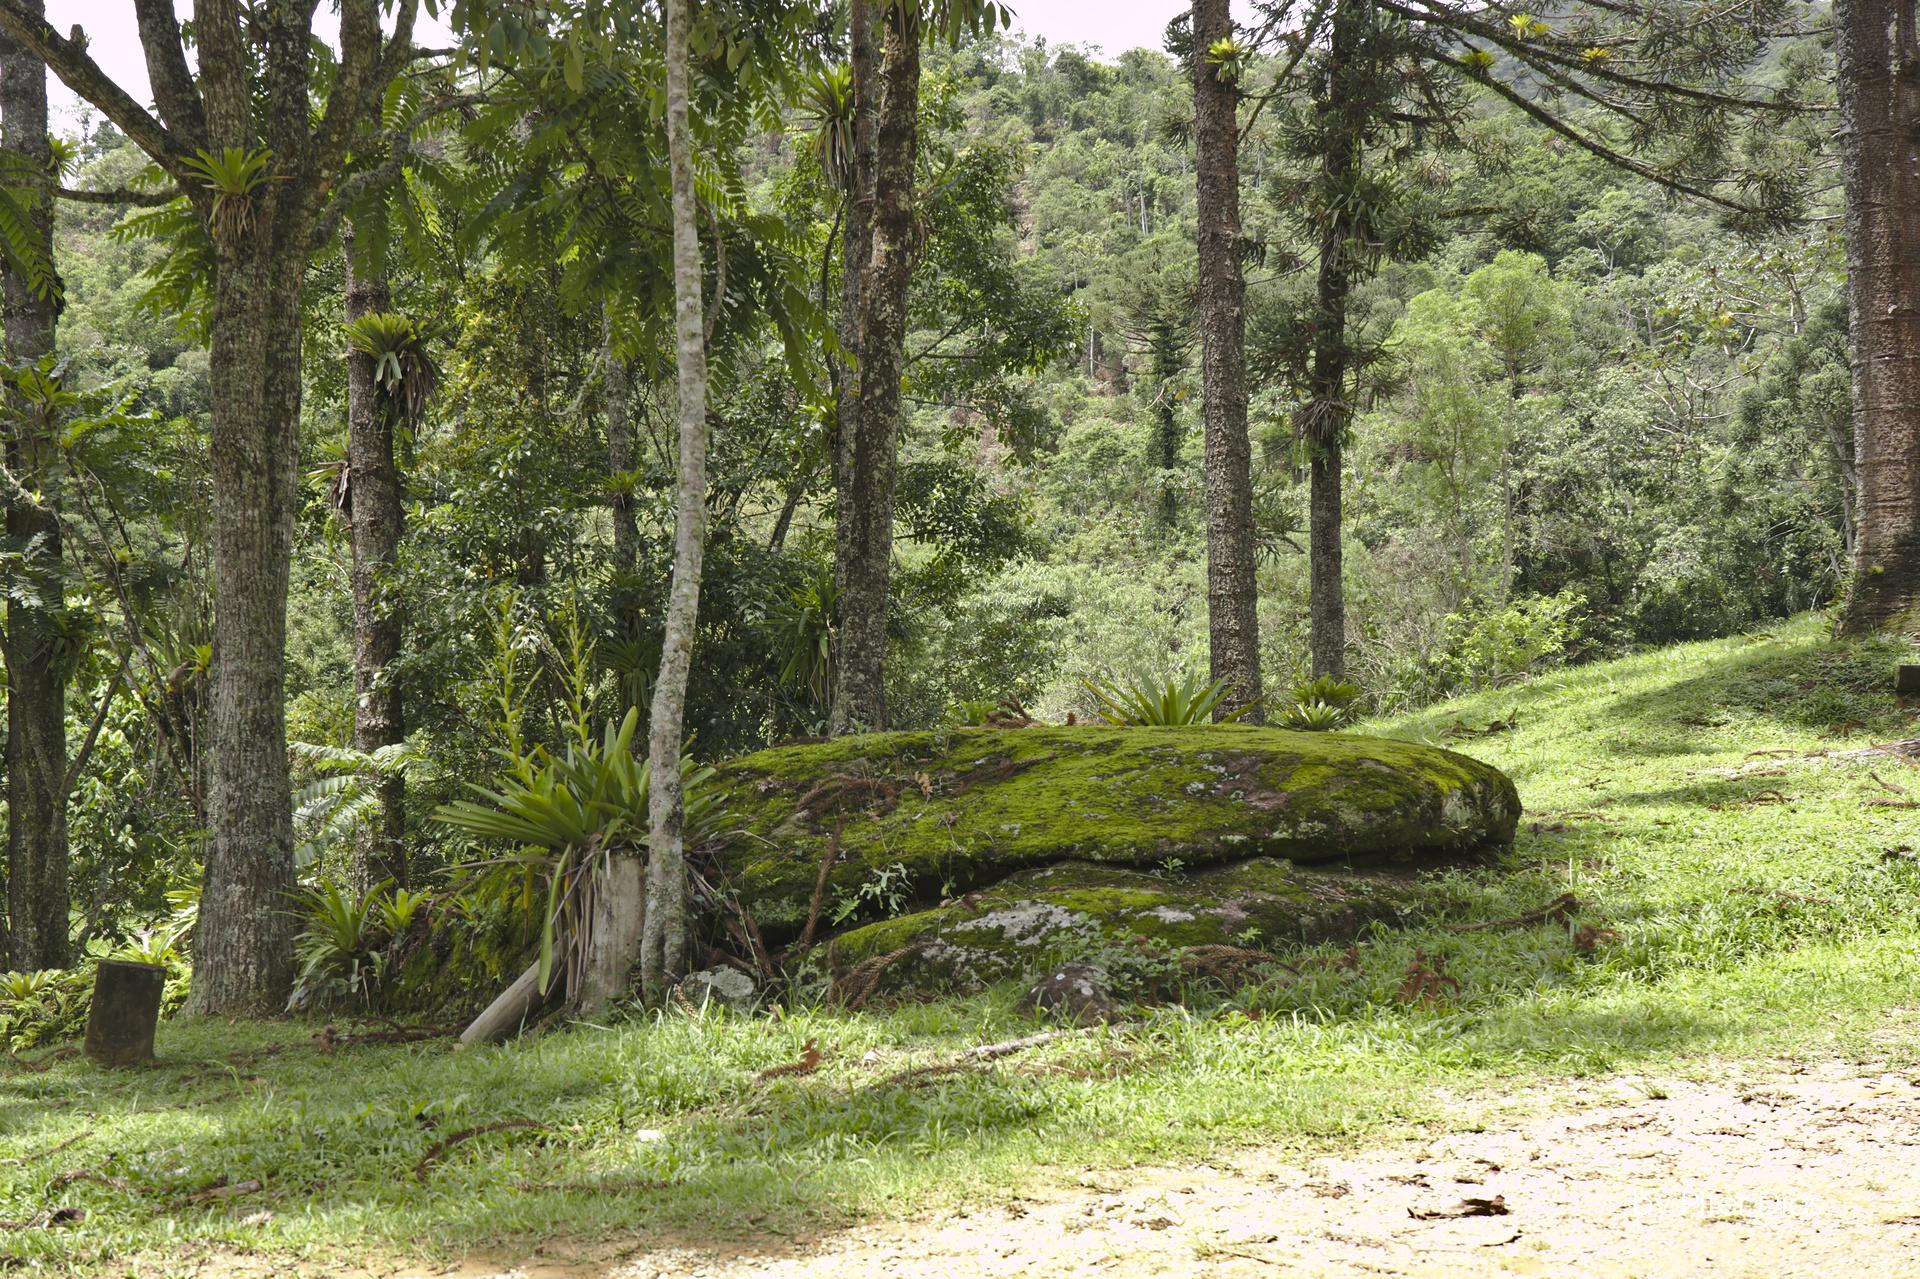 Trilha Noturna no Pico da Onça